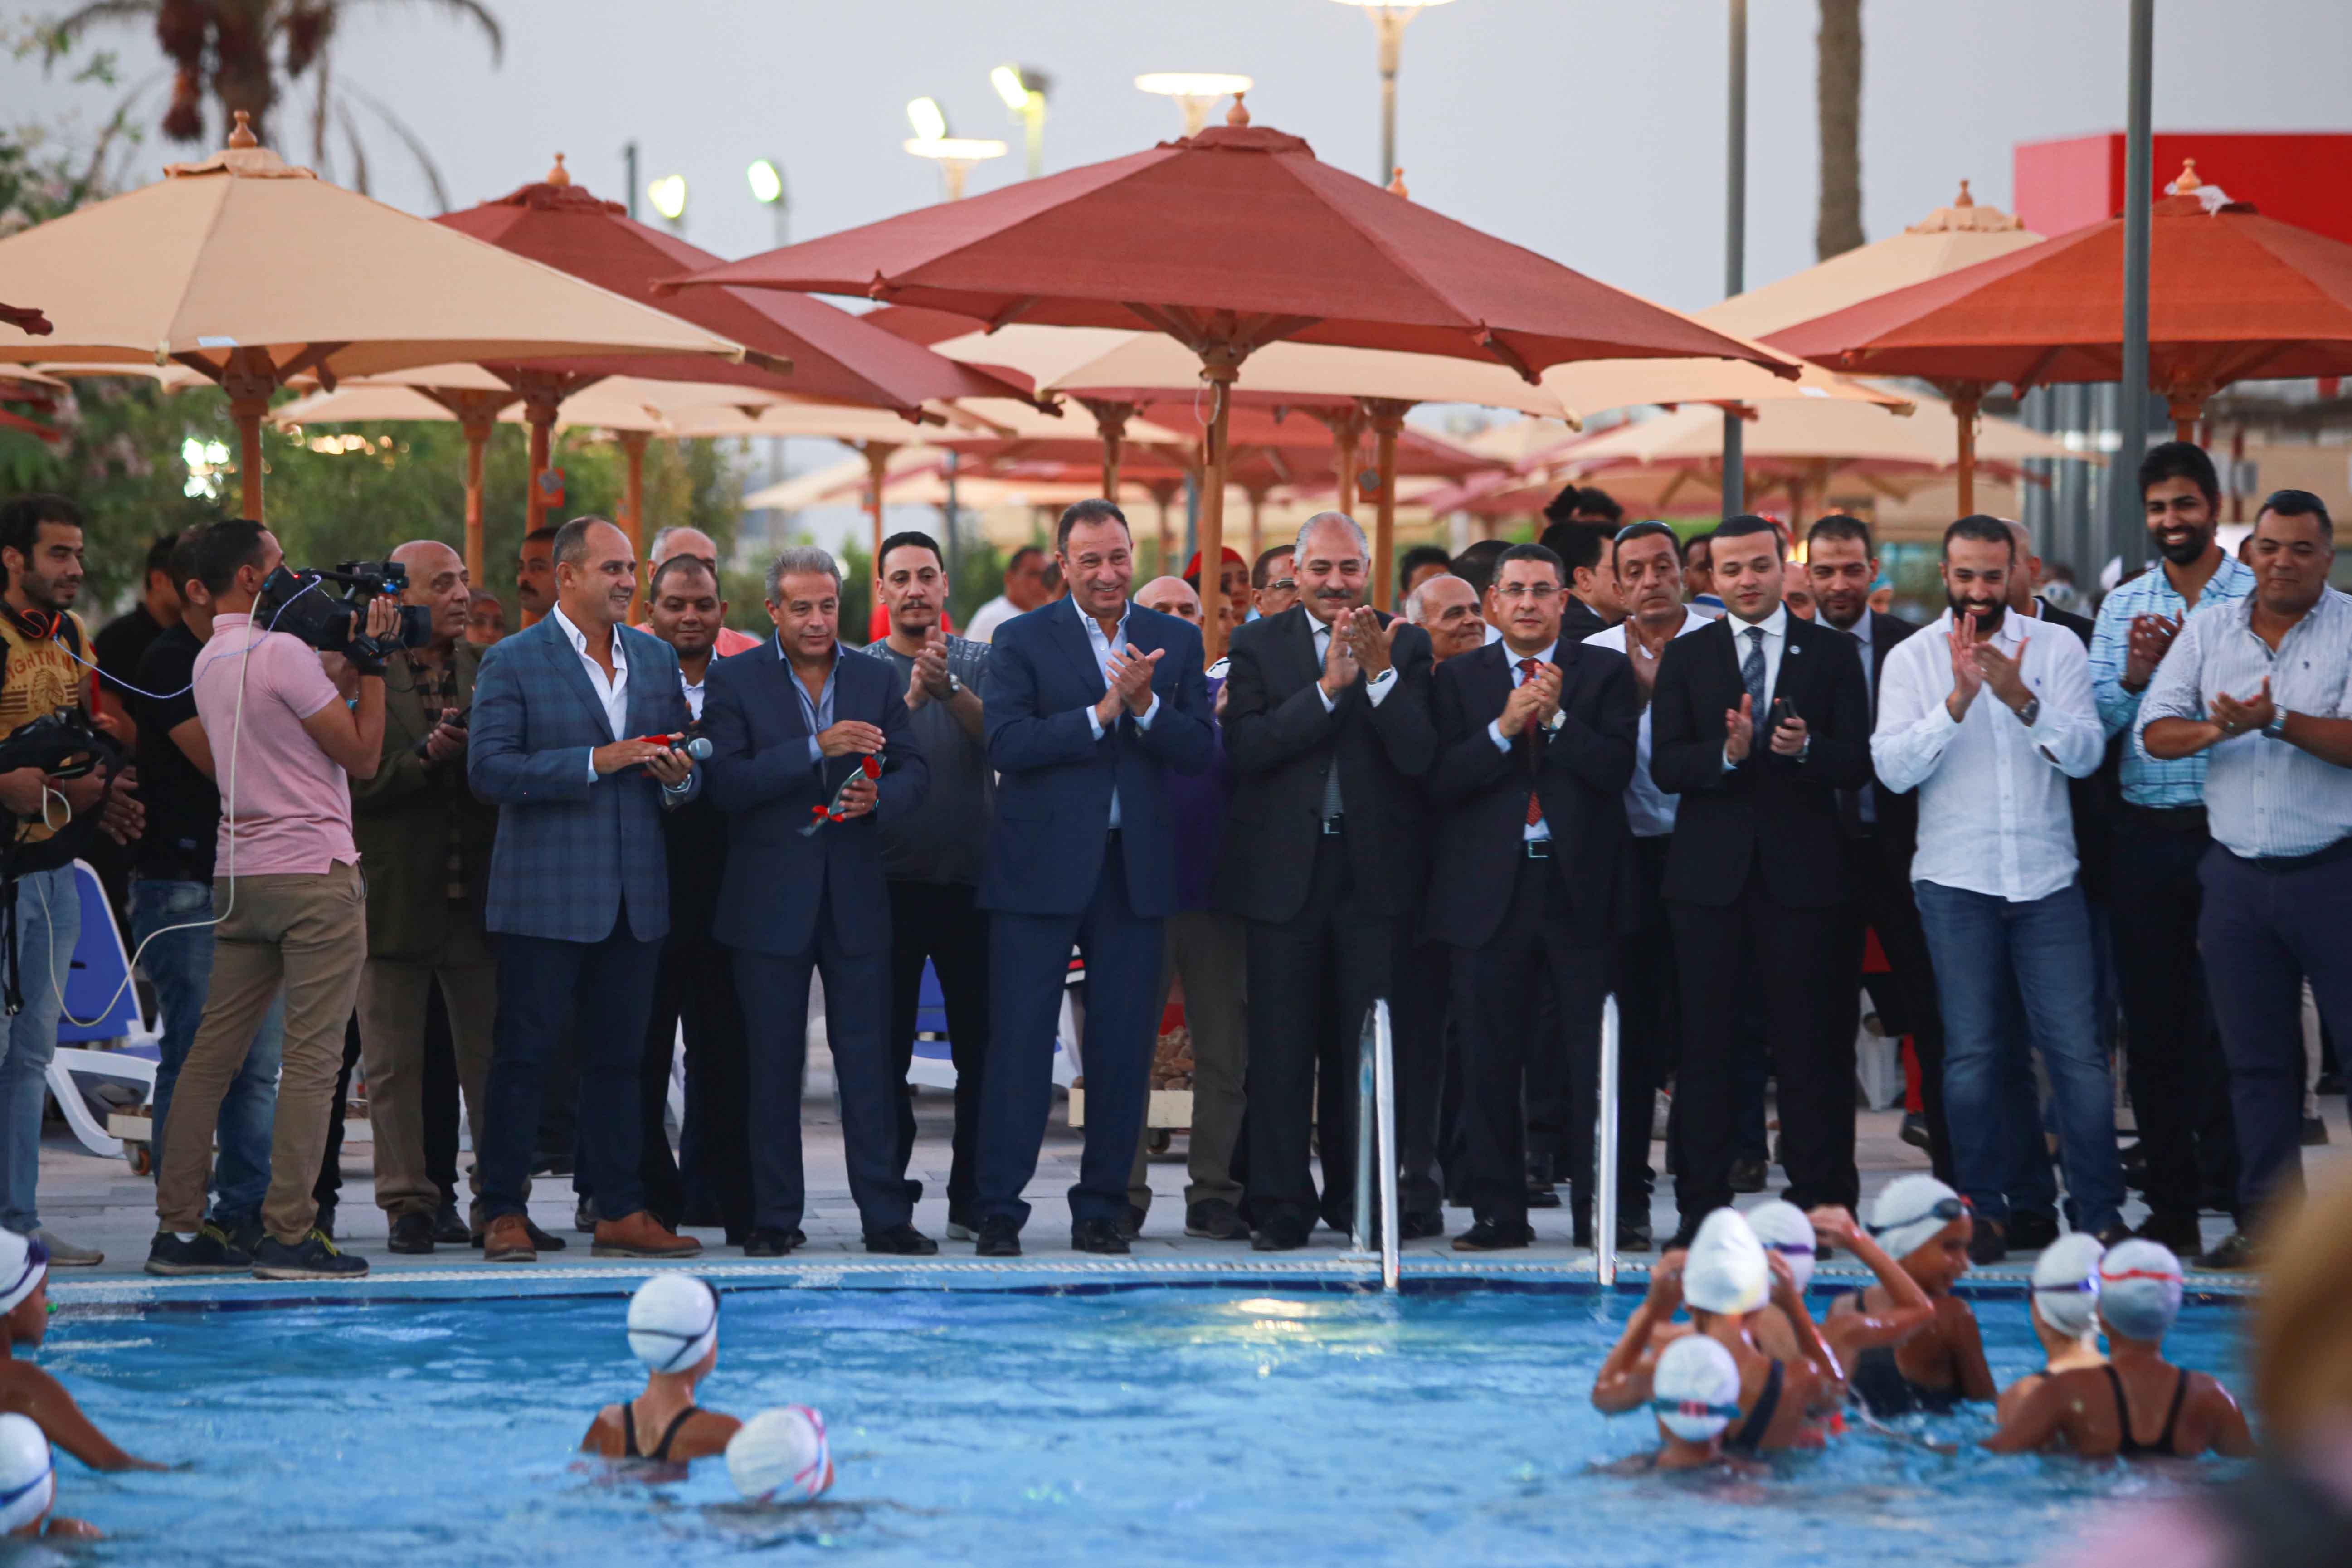 مجلس الاهلي يفتتح المنطقة الترفيقية بفرع  مدينة نصر (3)